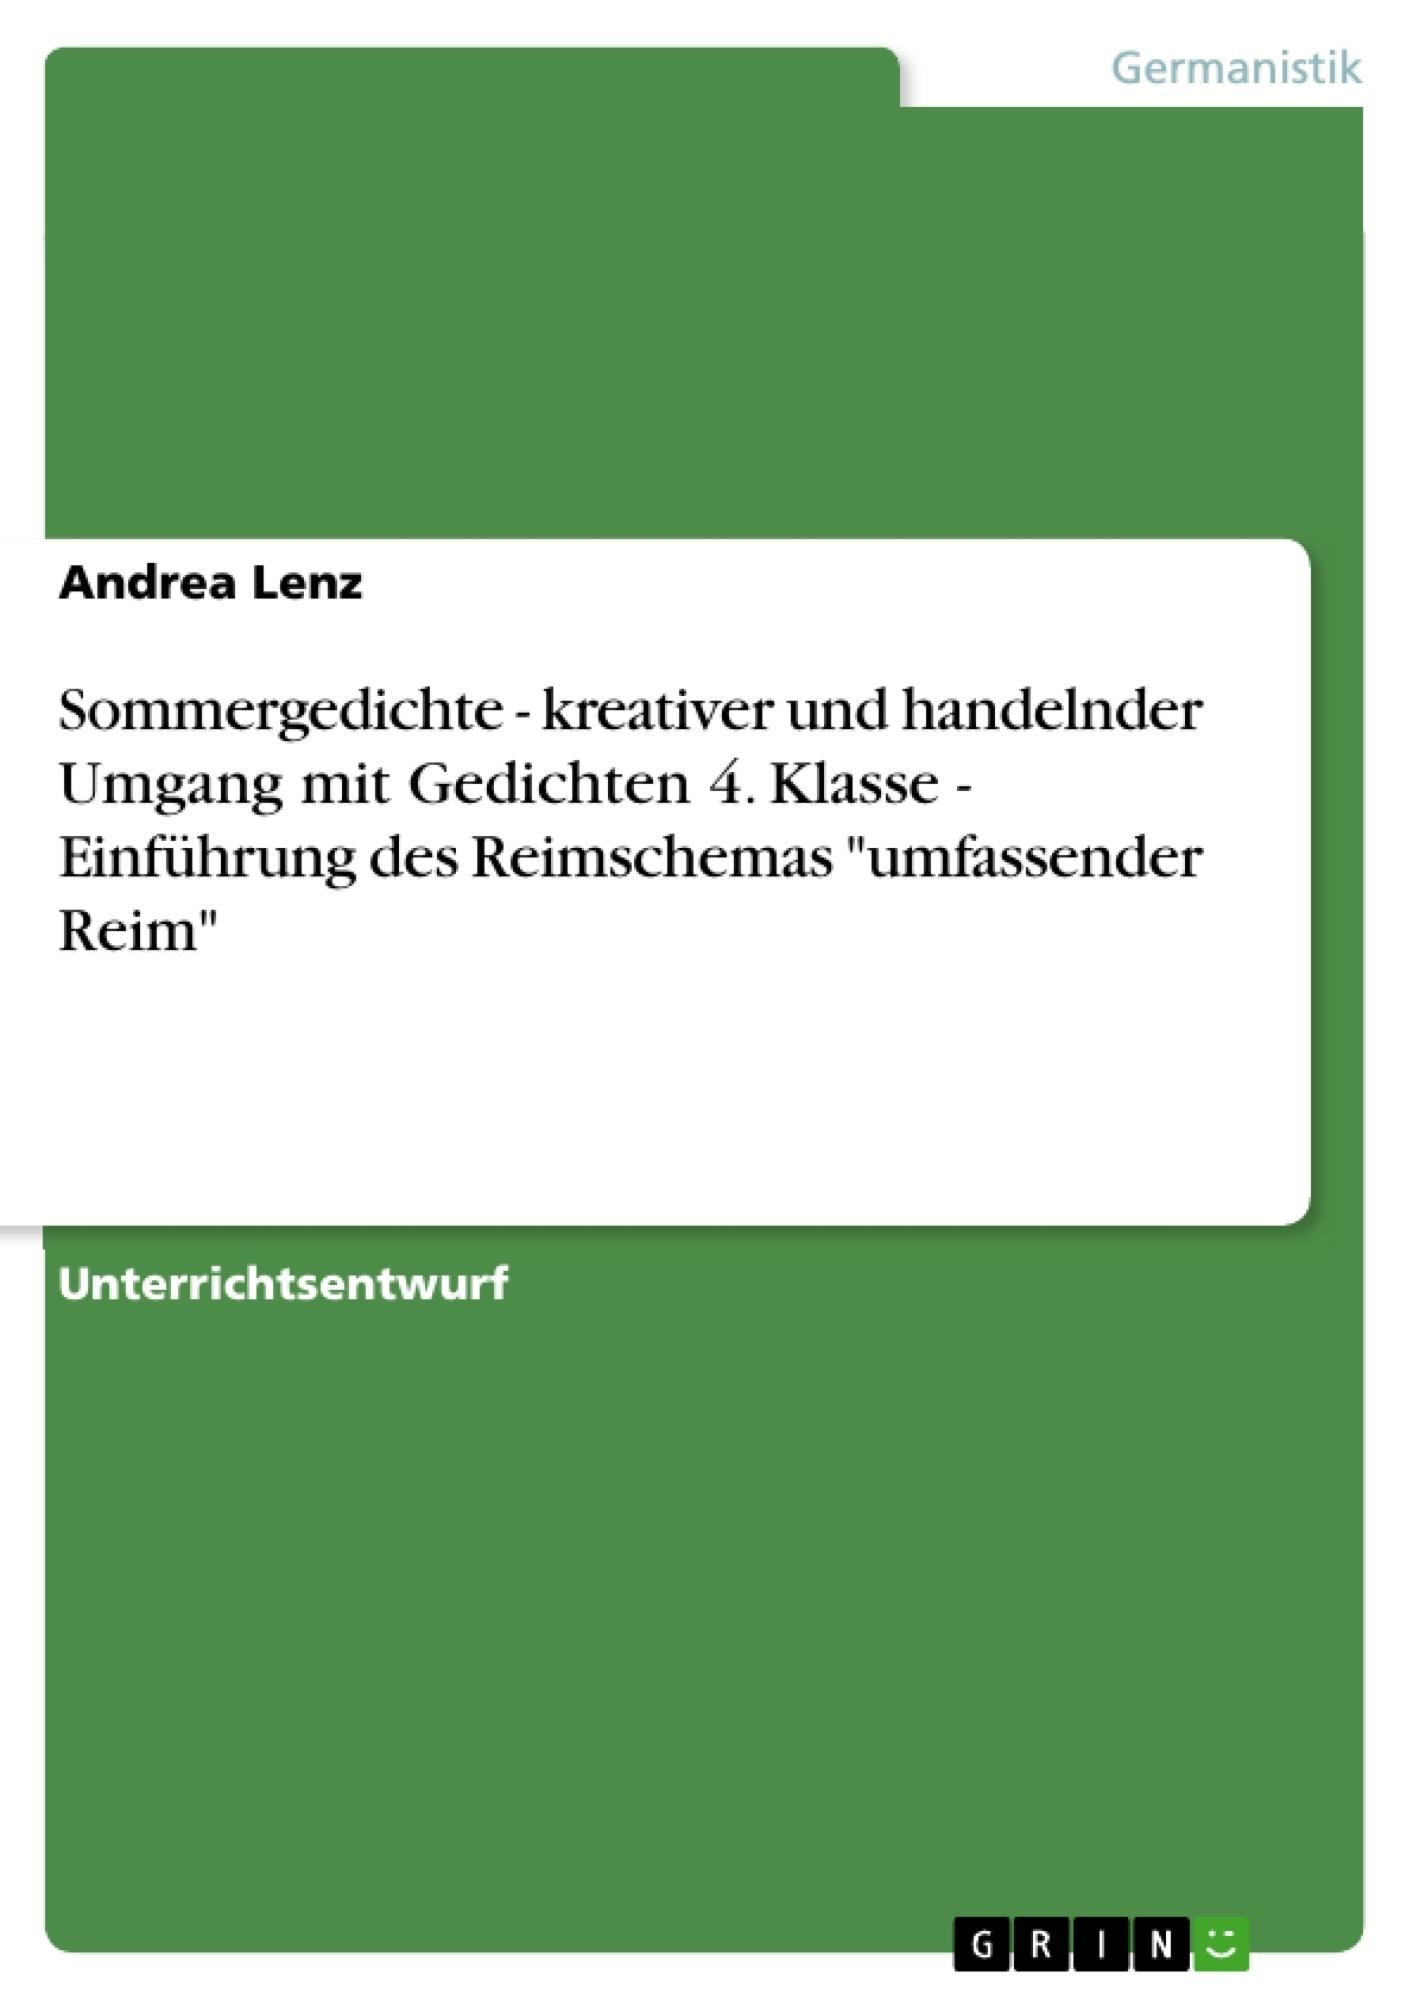 """Titel: Sommergedichte - kreativer und handelnder Umgang mit Gedichten 4. Klasse - Einführung des Reimschemas """"umfassender Reim"""""""